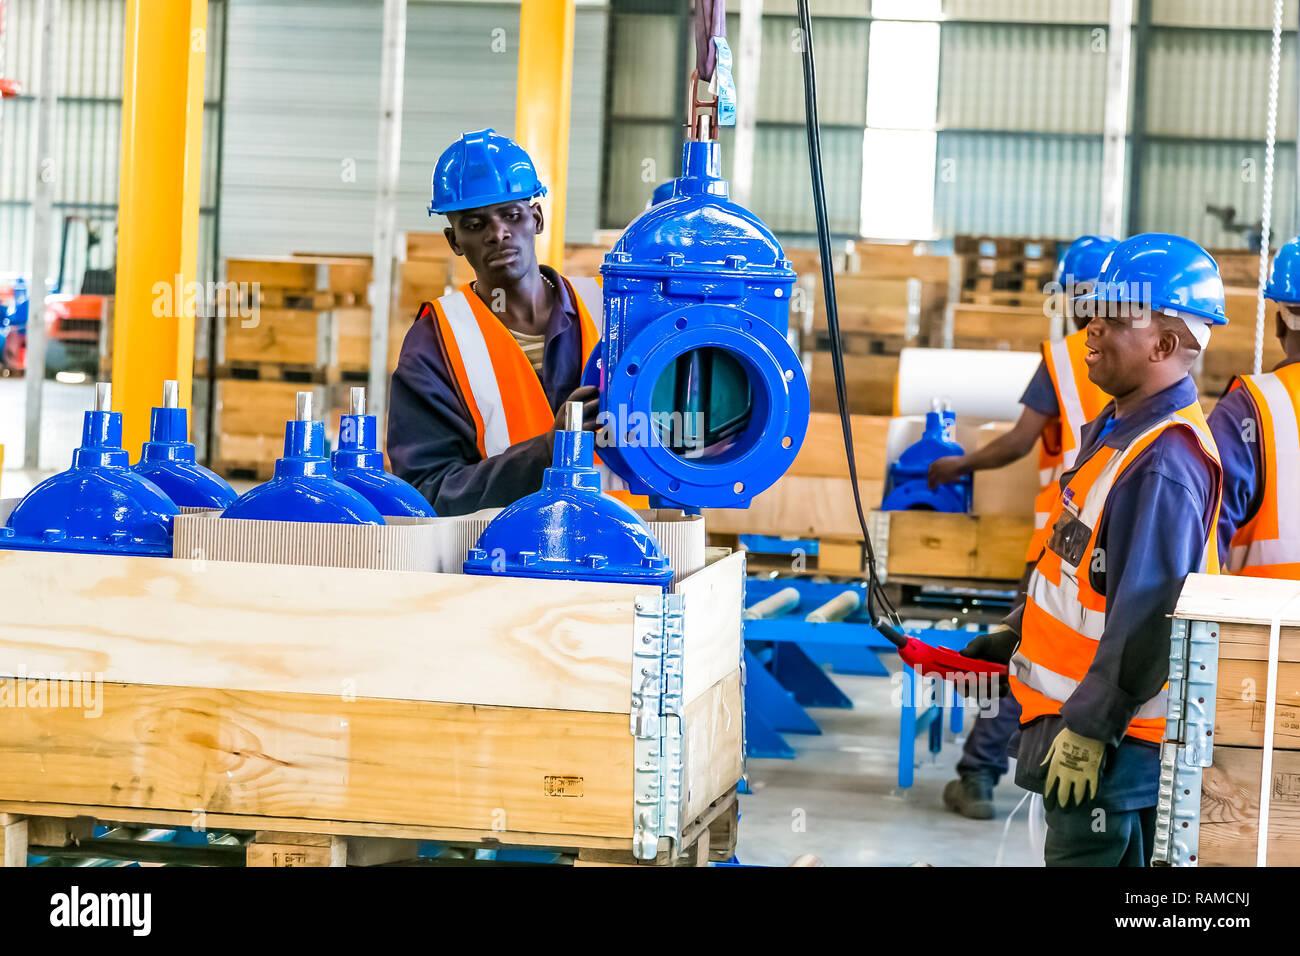 Johannesburg, Südafrika - 7. September 2016: Industrielle Fertigung und Montage des Ventils Werk Werk Stockfoto